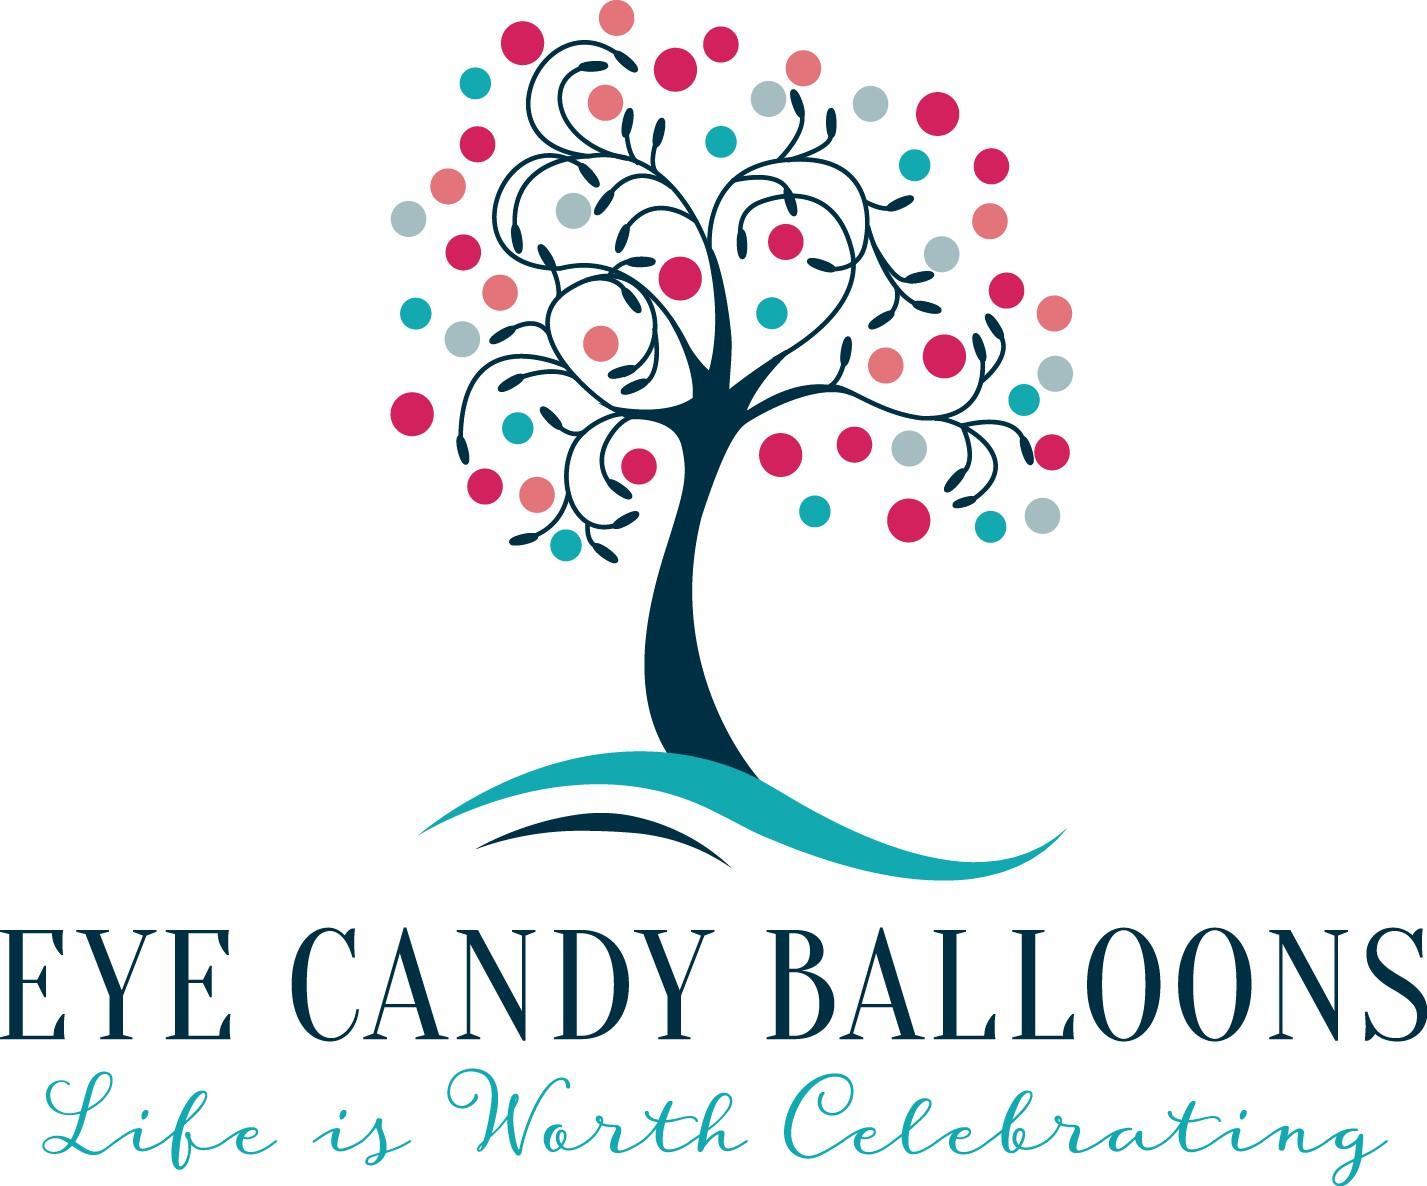 Upscale + creative logo needed for Balloon Decor Company